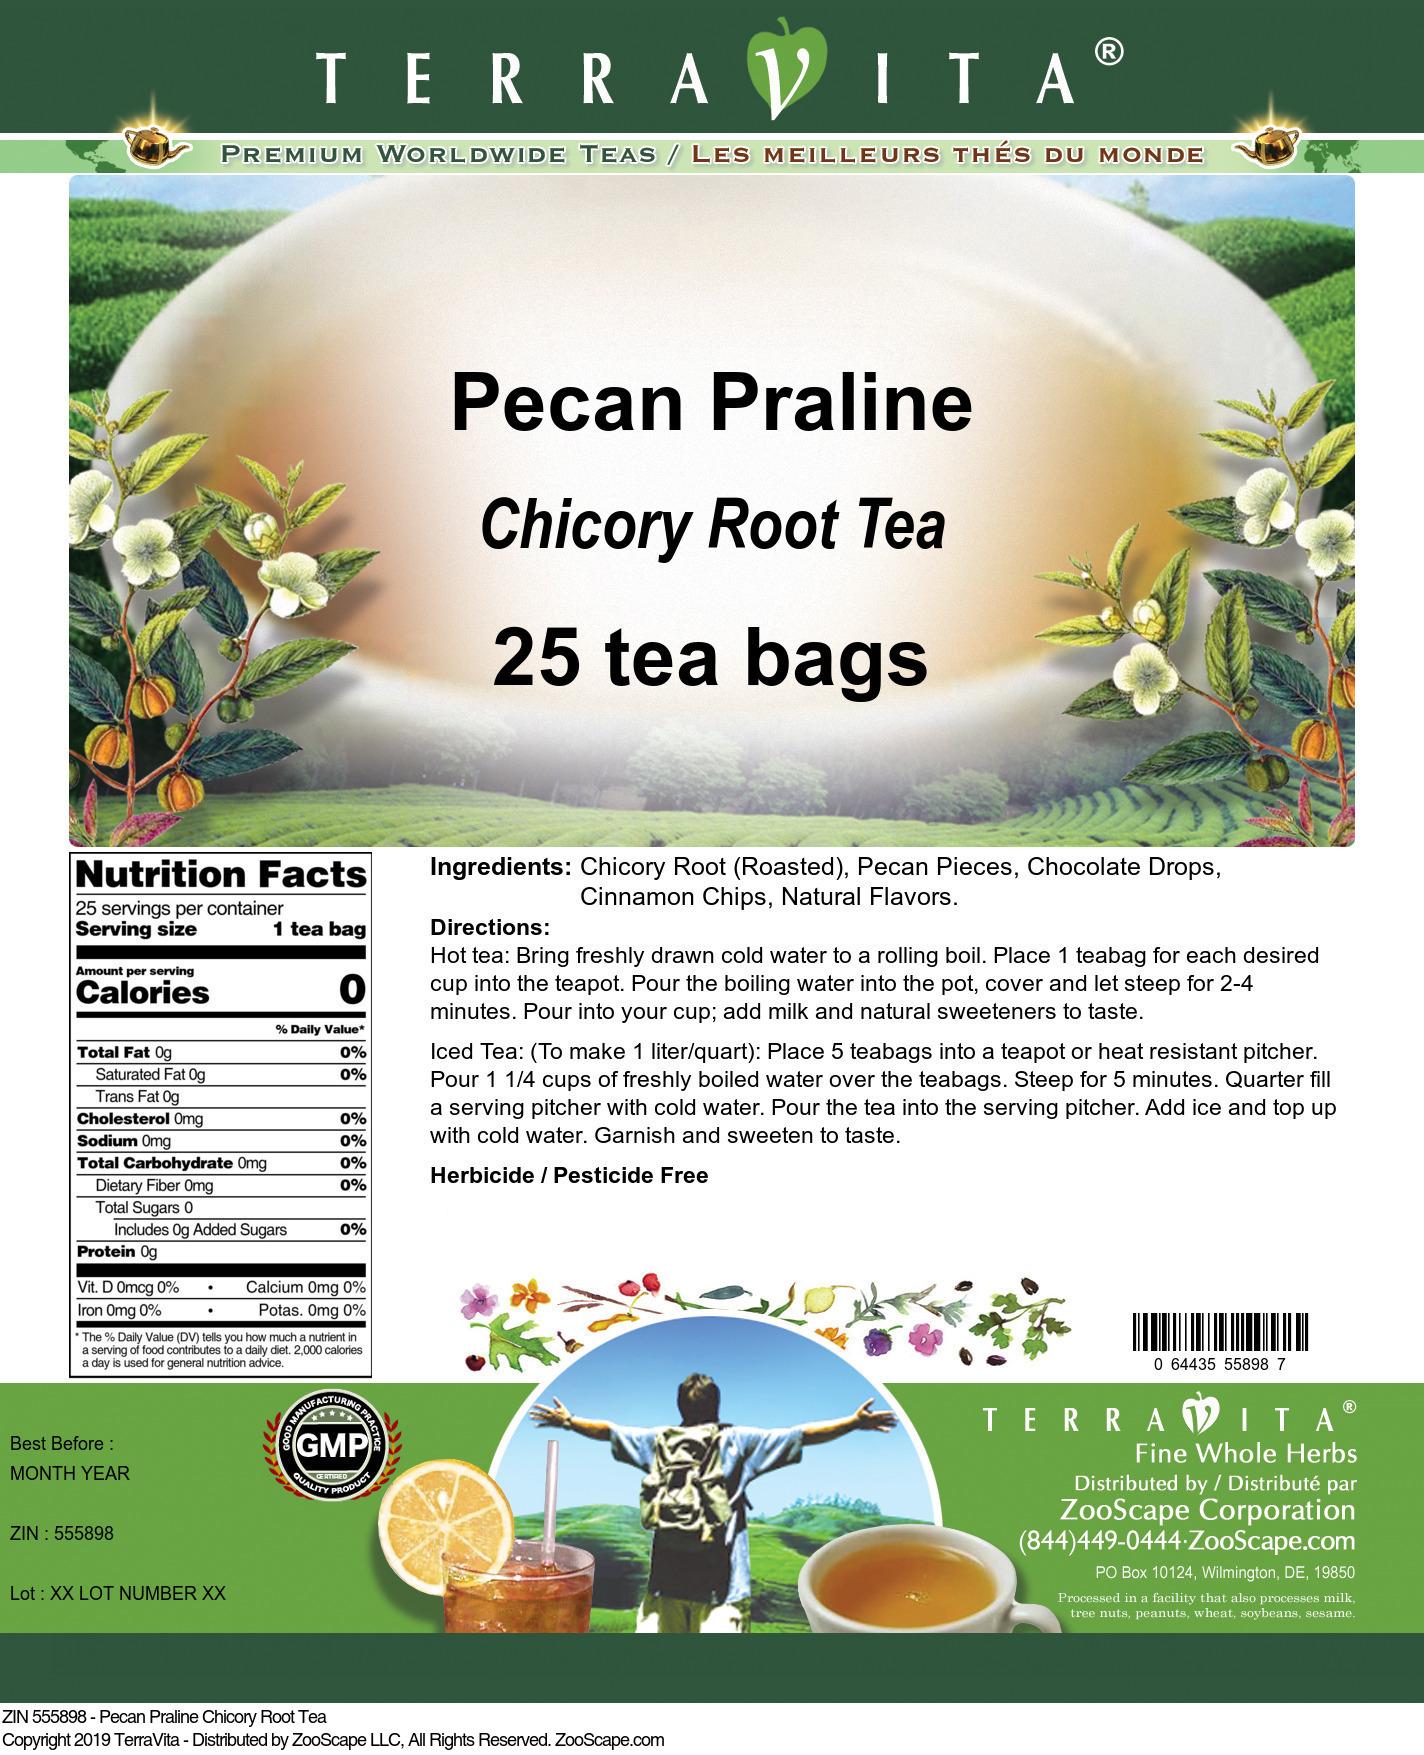 Pecan Praline Chicory Root